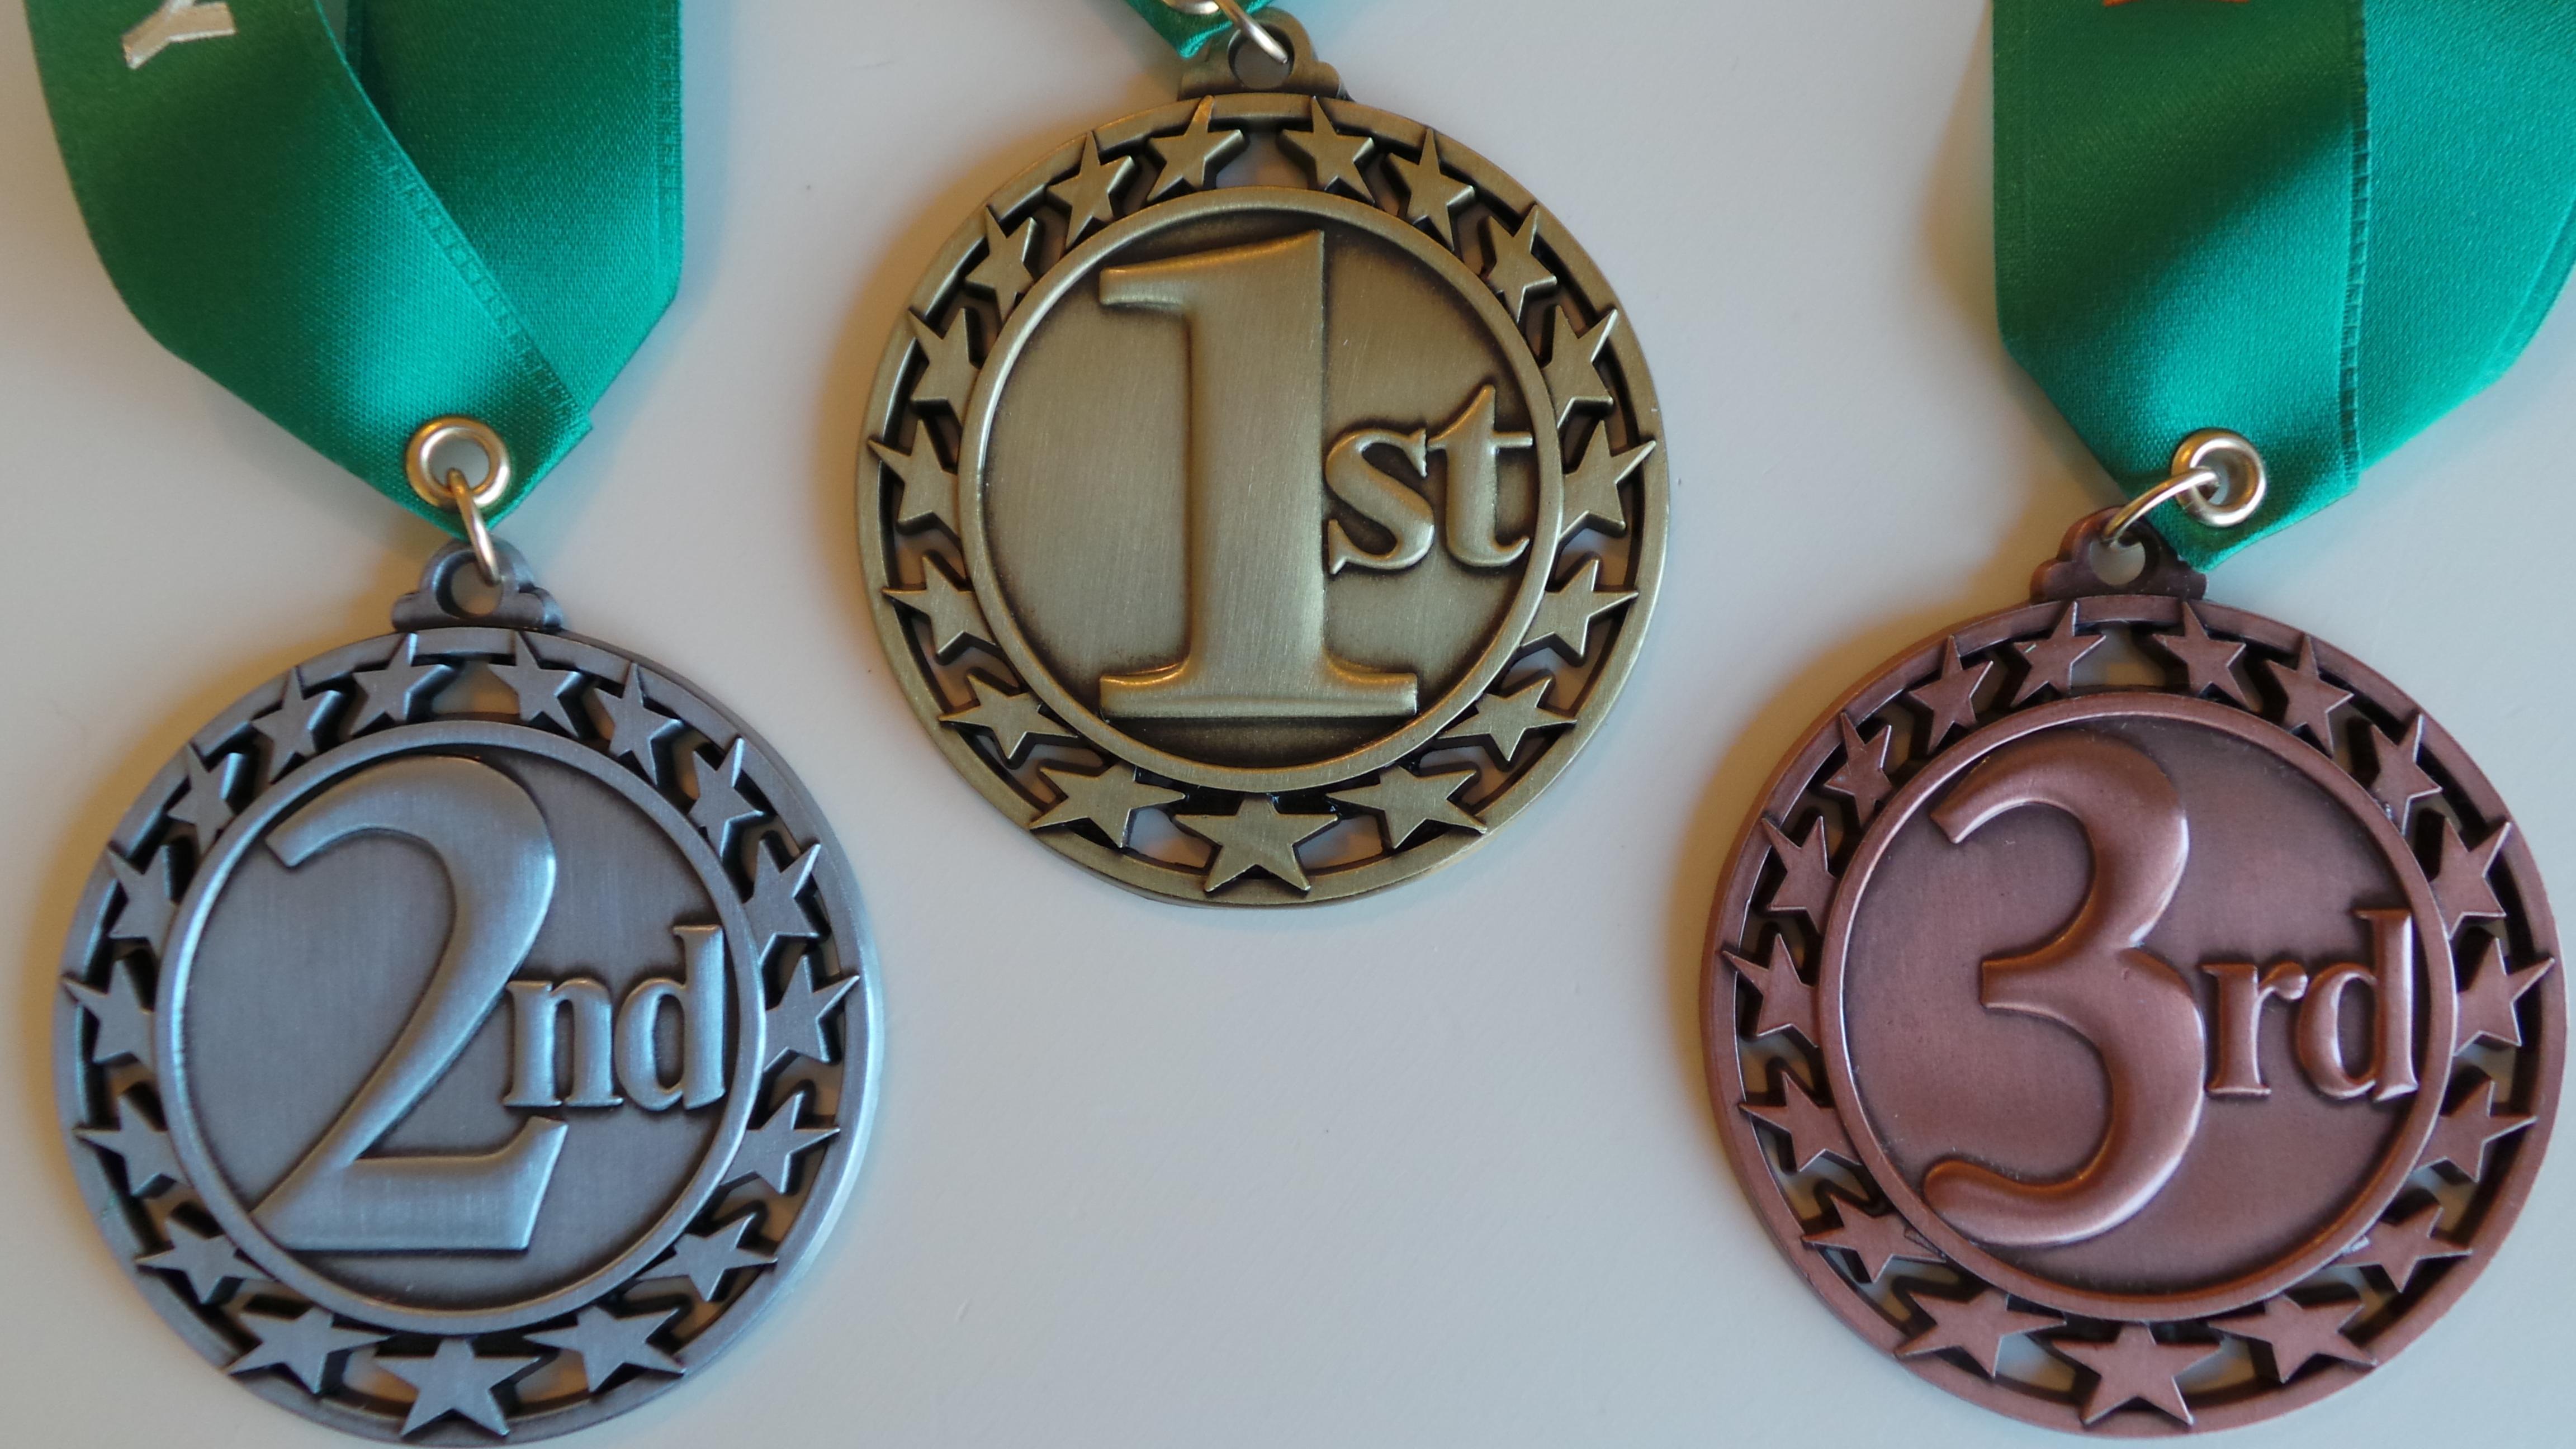 Elevii români au obținut o medalie de aur, două medialii de argint și una de bronz la a II-a ediție a Olimpiadei Balcanice de Geografie